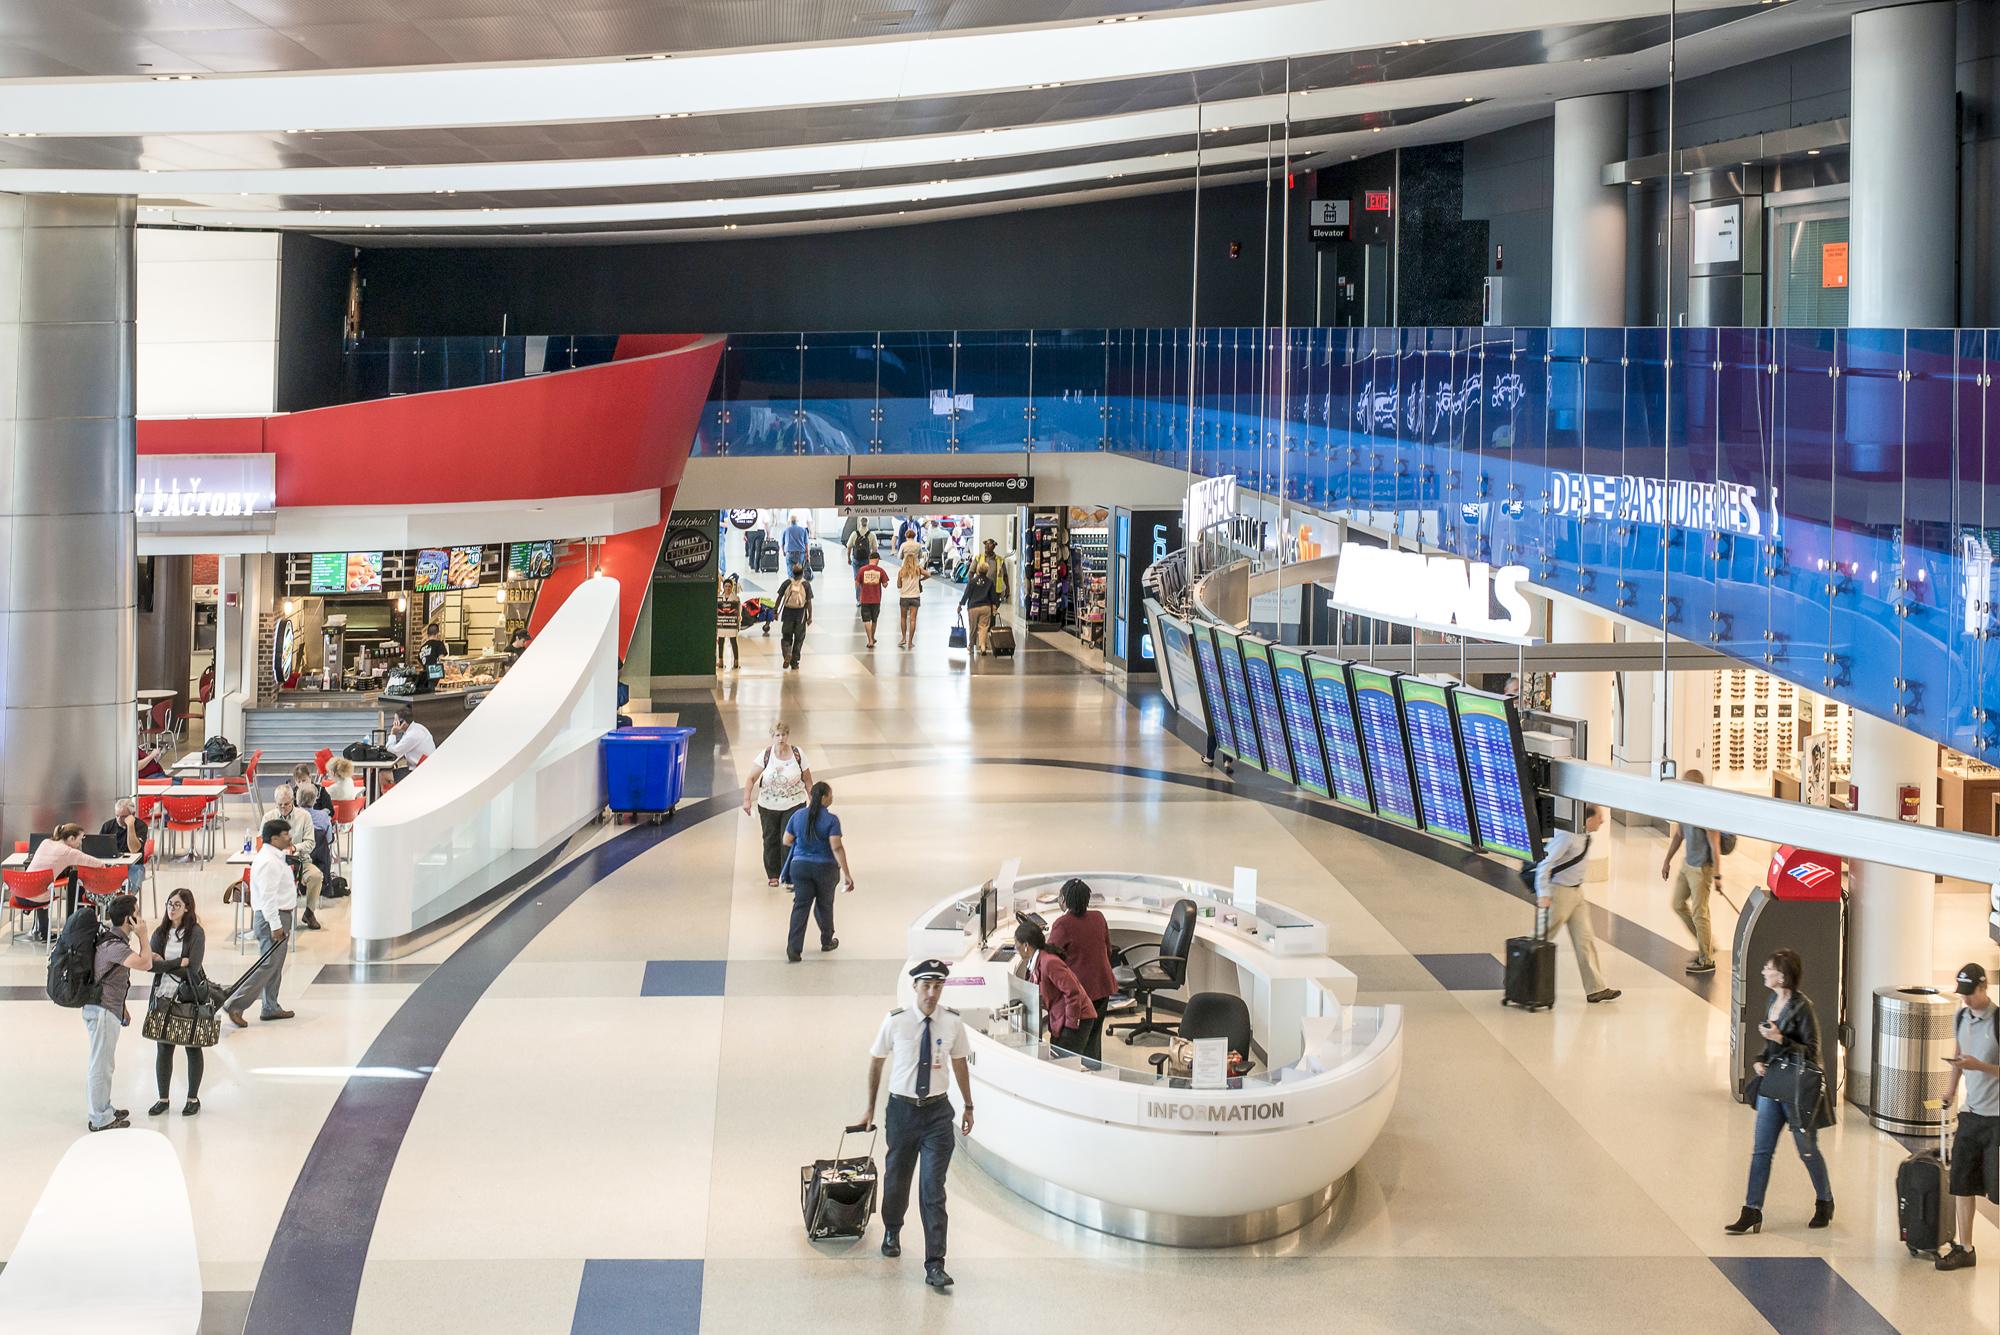 Philadelphia airport